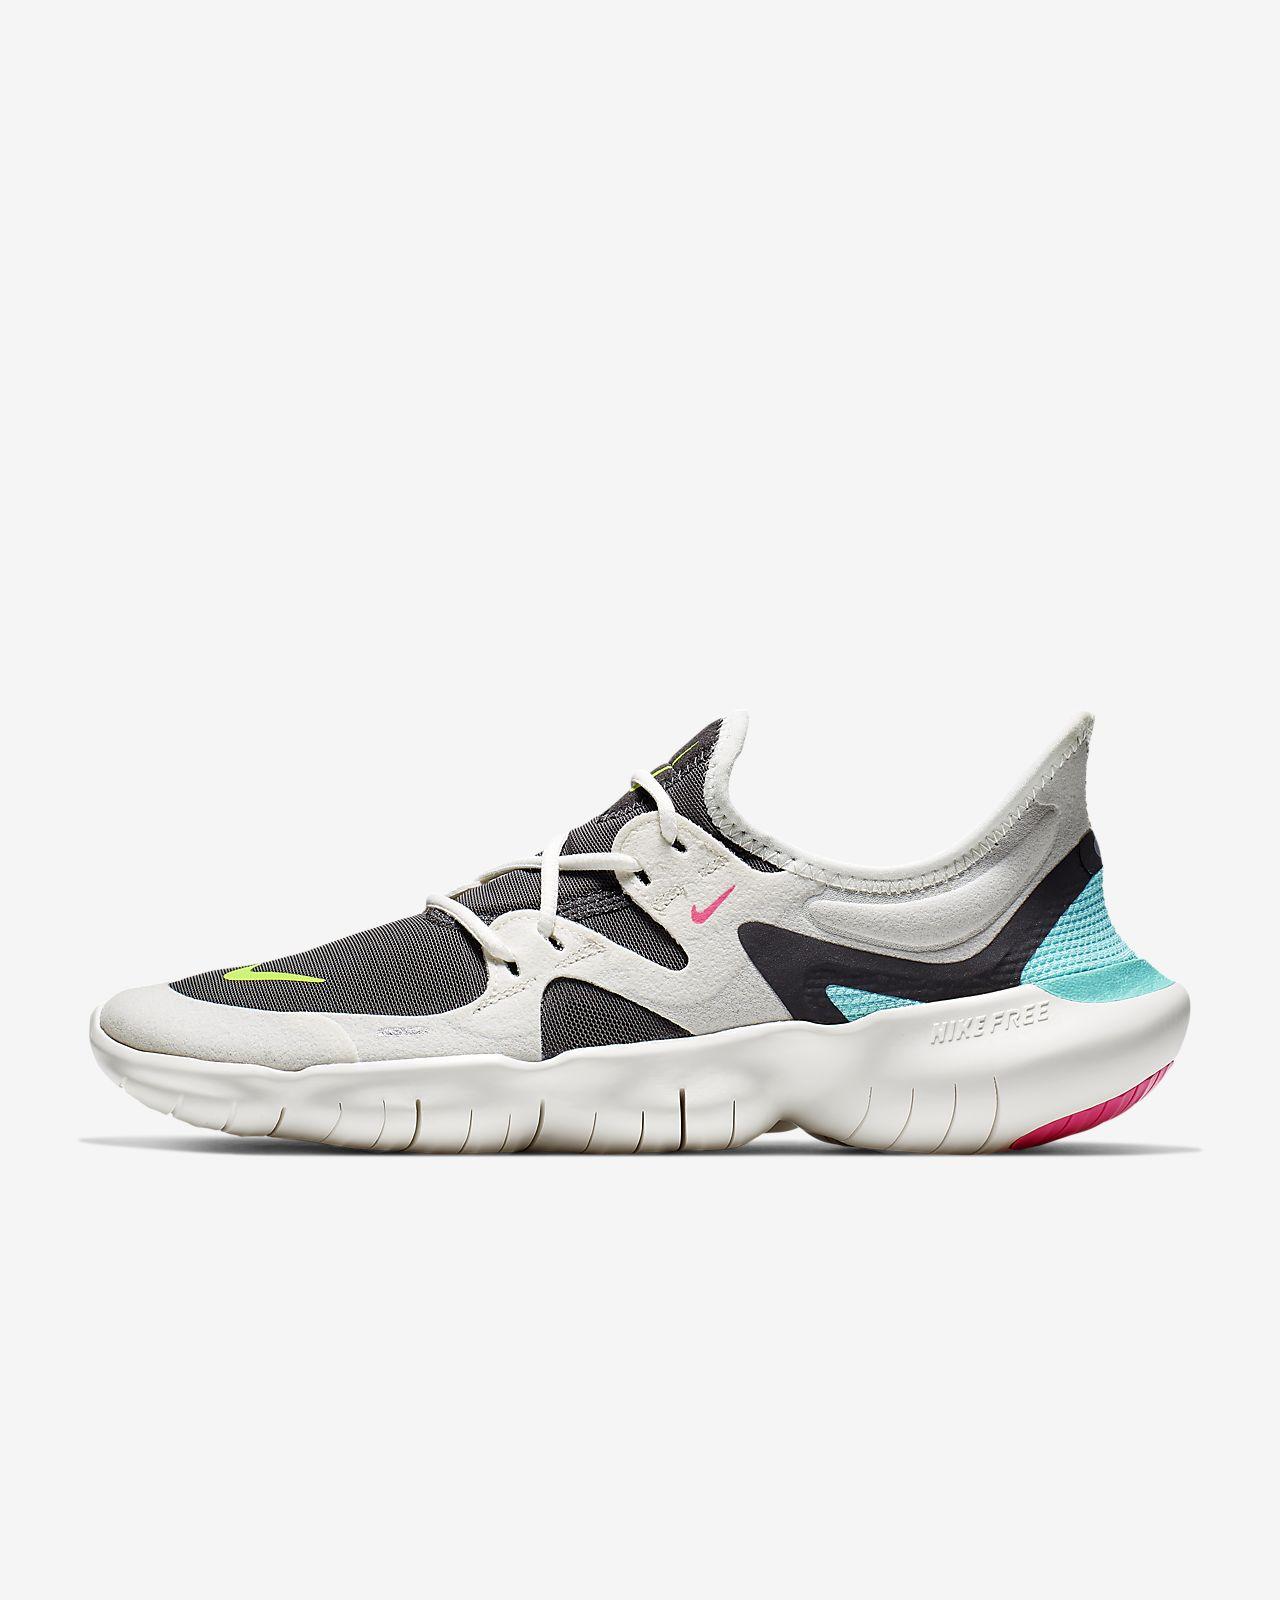 san francisco 1c576 eb48b Nike Free RN 5.0 løpesko til dame